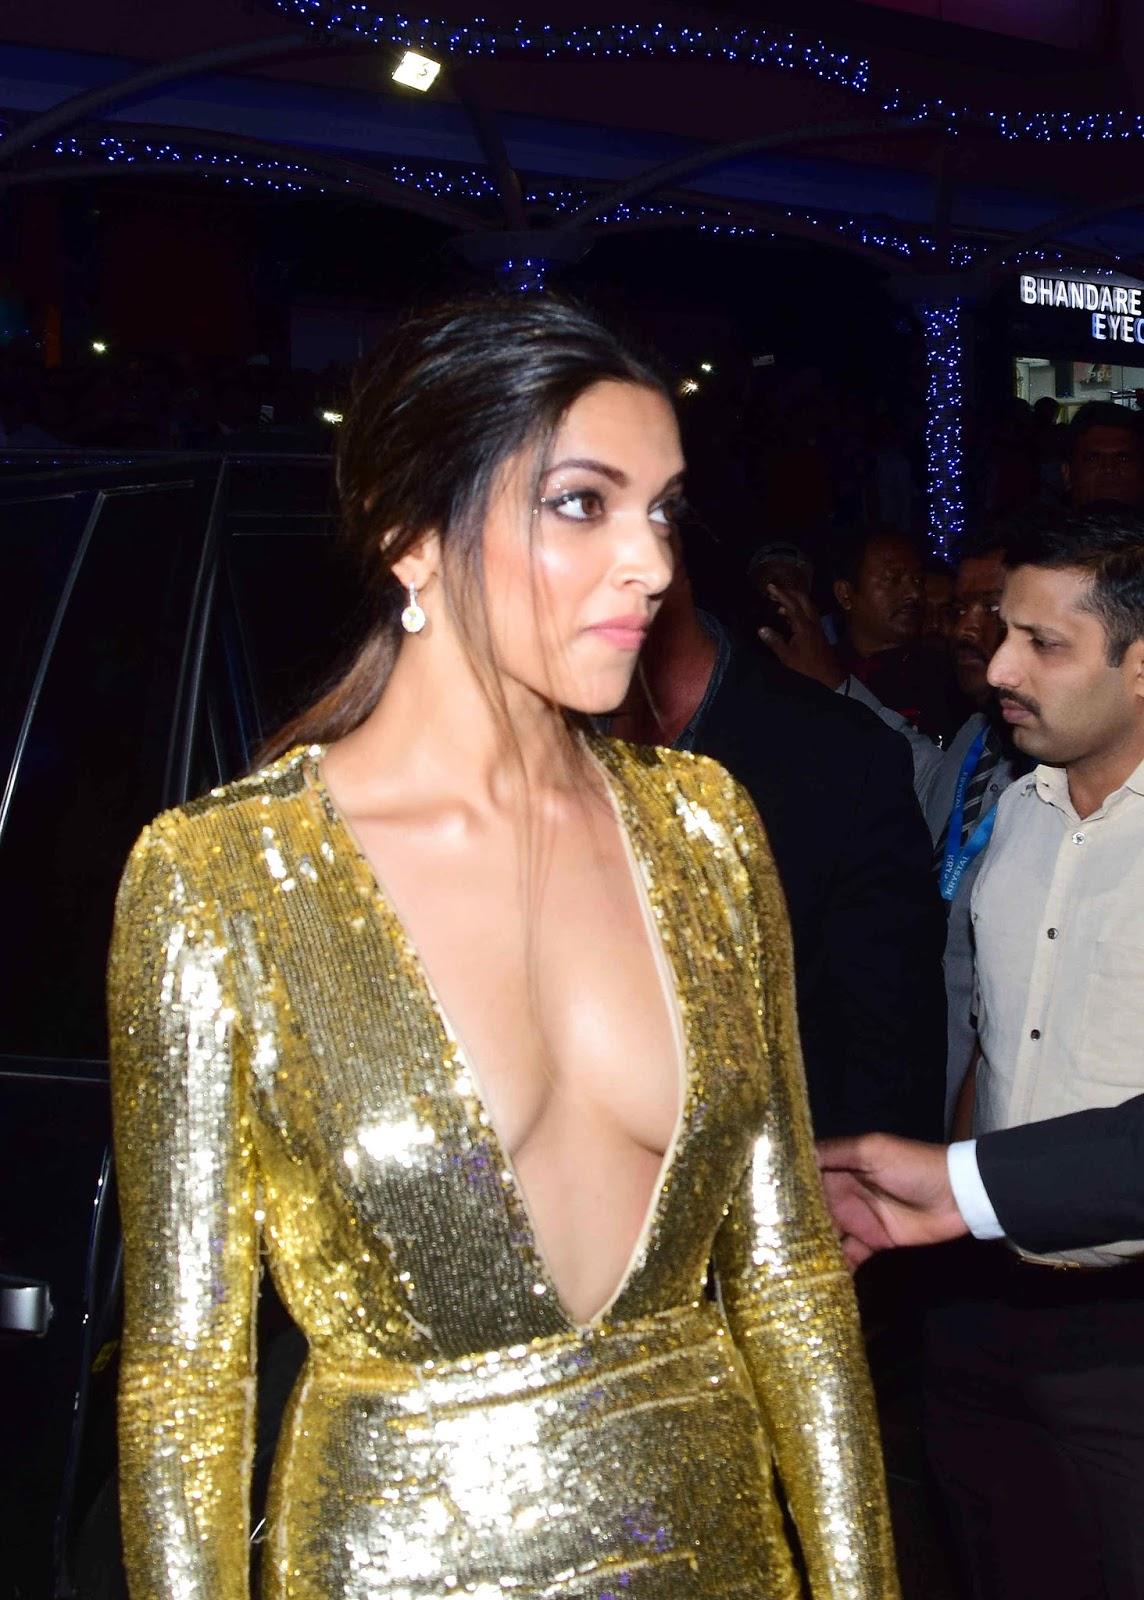 Cleavage Deepika Padukon nude photos 2019